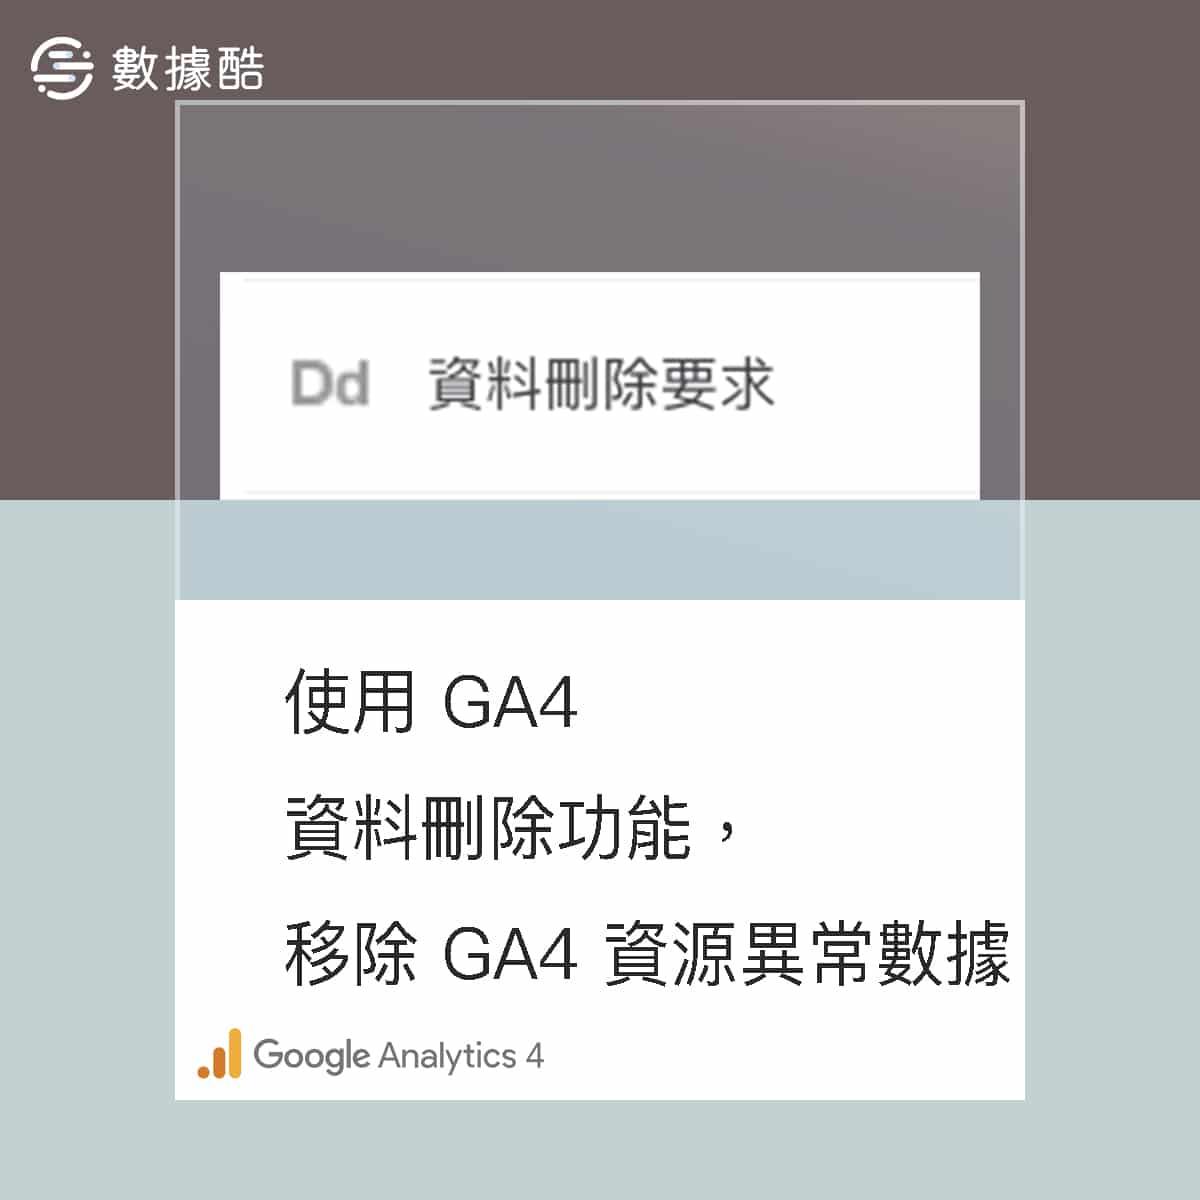 使用 Google Analytics 4 資料刪除功能,移除 GA4 資源異常數據